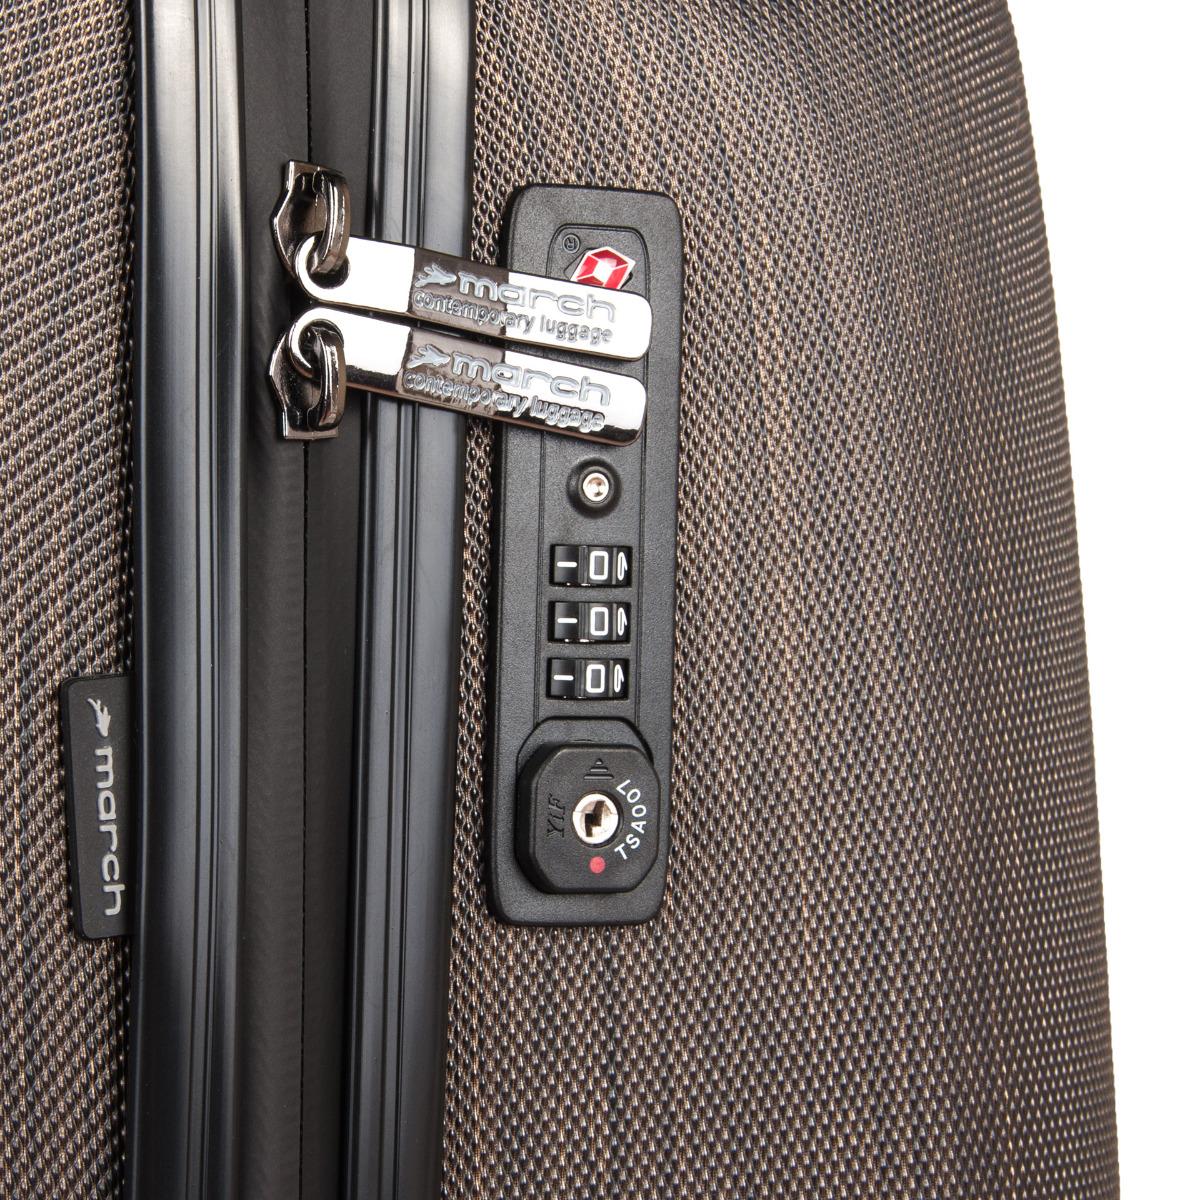 March New Carat SE L Bronze brushed.    odľahčený pojazdný systém štyroch dvoukoleček otočných v 360 °    hliníková výsuvná rukoväť s aretačným tlačidlom    vodeodolné zipsy    TSA zámok umožňujúce bezpečné uzamknutie kufra    dvojstranne riešený interiér s vreckom na zips    diamantová povrchová úprava znižujúci riziko oderu a poškriabaniu    päťročná záruka